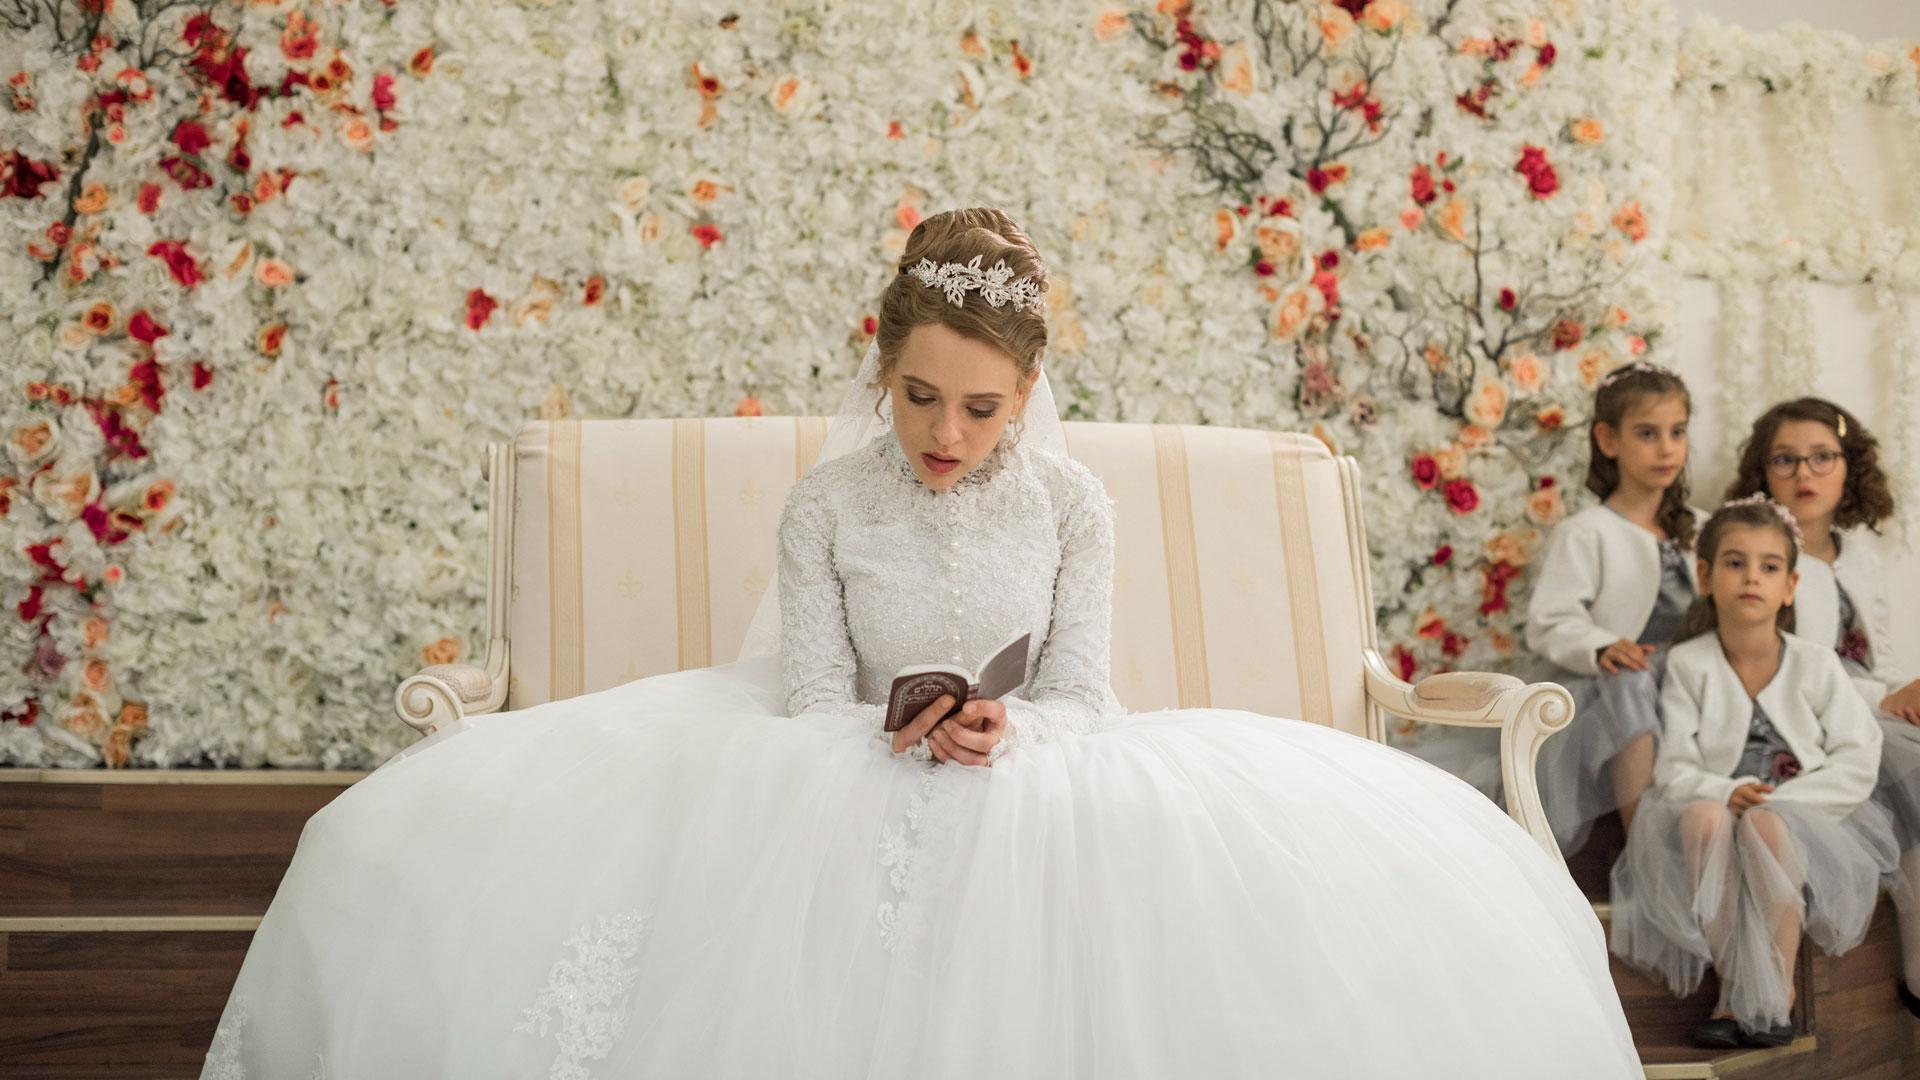 Esty im Brautkleid an ihrer Hochzeit